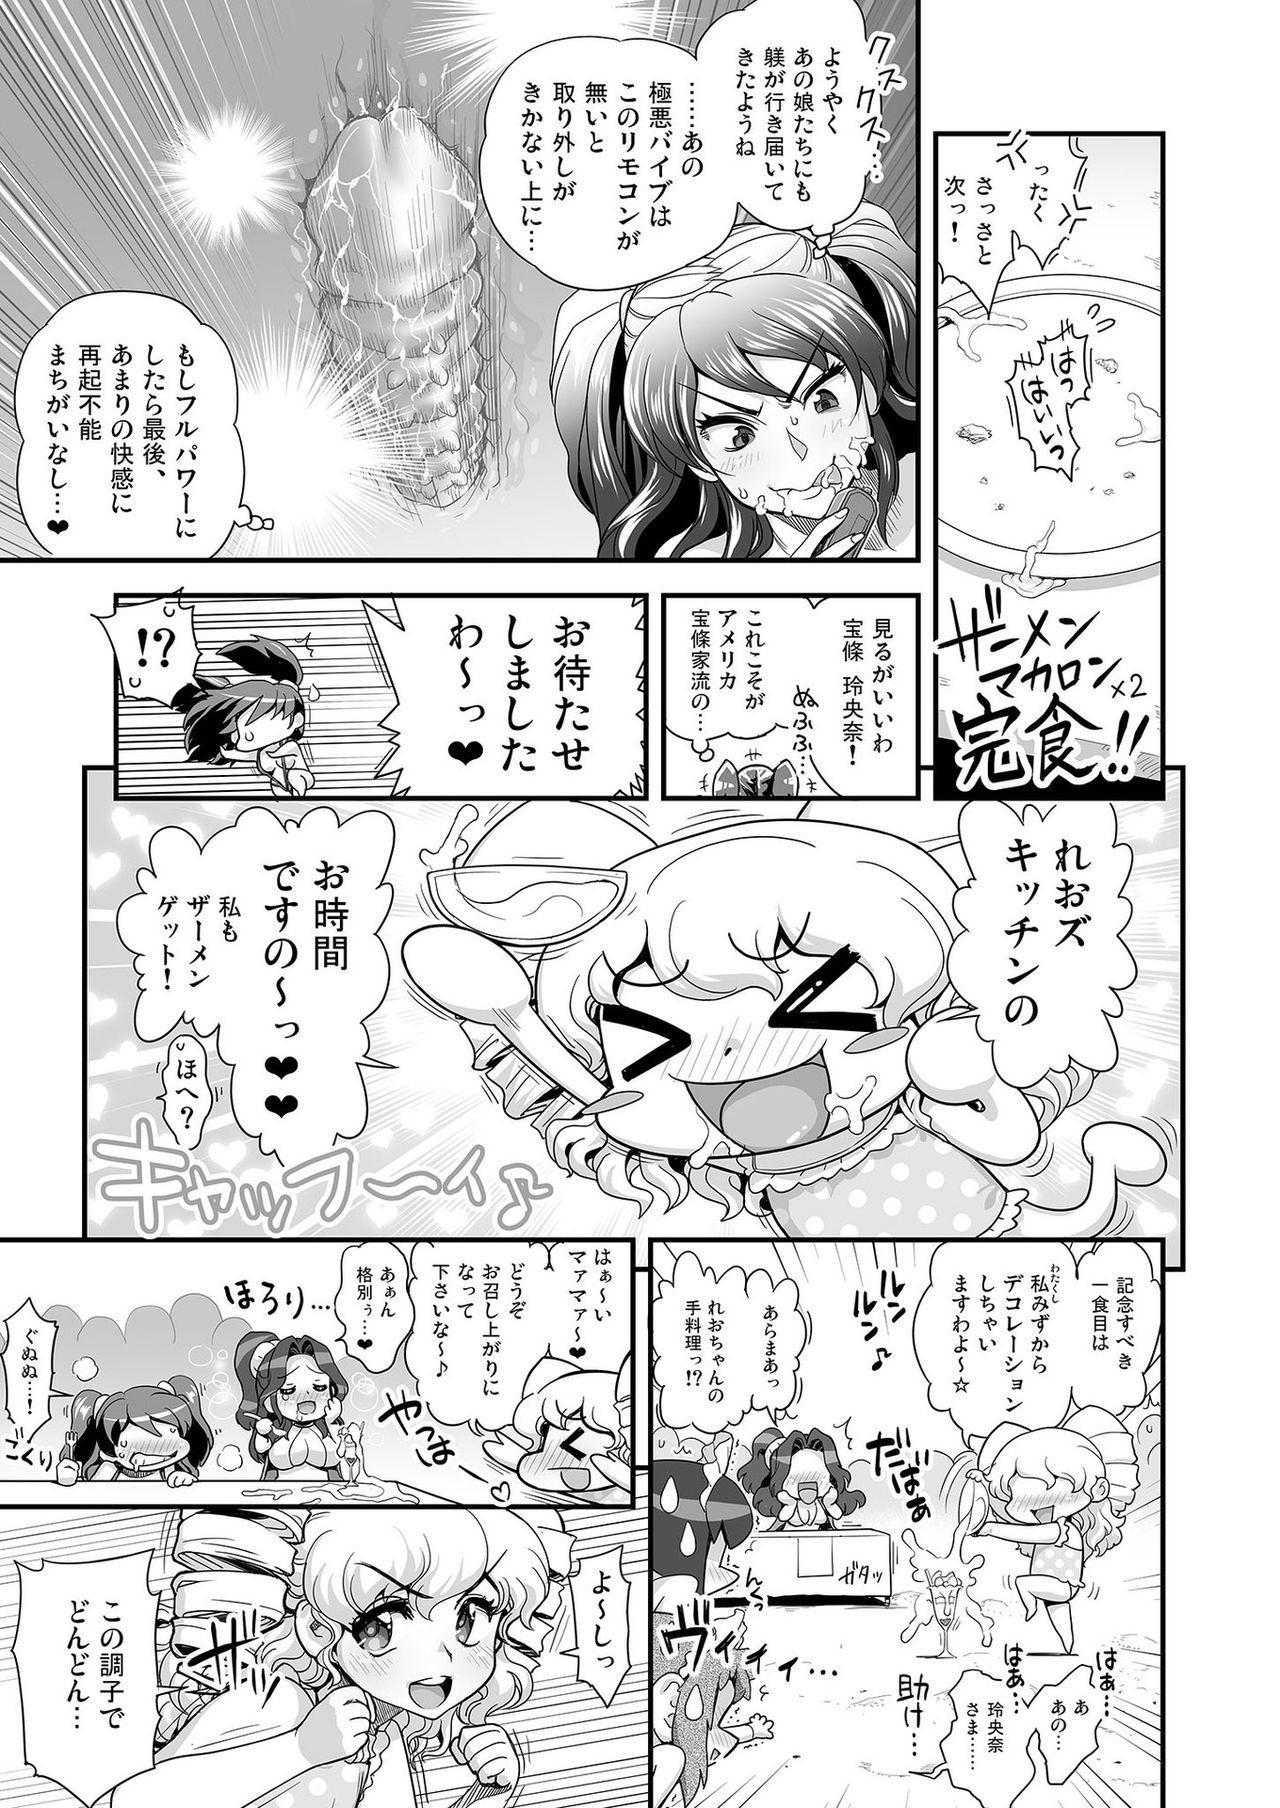 [Tamatsuyada, Satou Kimiatsu] Energy Kyo-ka!! ~Bakunyuu JK. Gachi Zeme Hatsujou Chuu!~ Omata de Nukarete Okuchi de Gokugoku? Yuujou to Fukujuu no Semen Gourmet Match!? 9